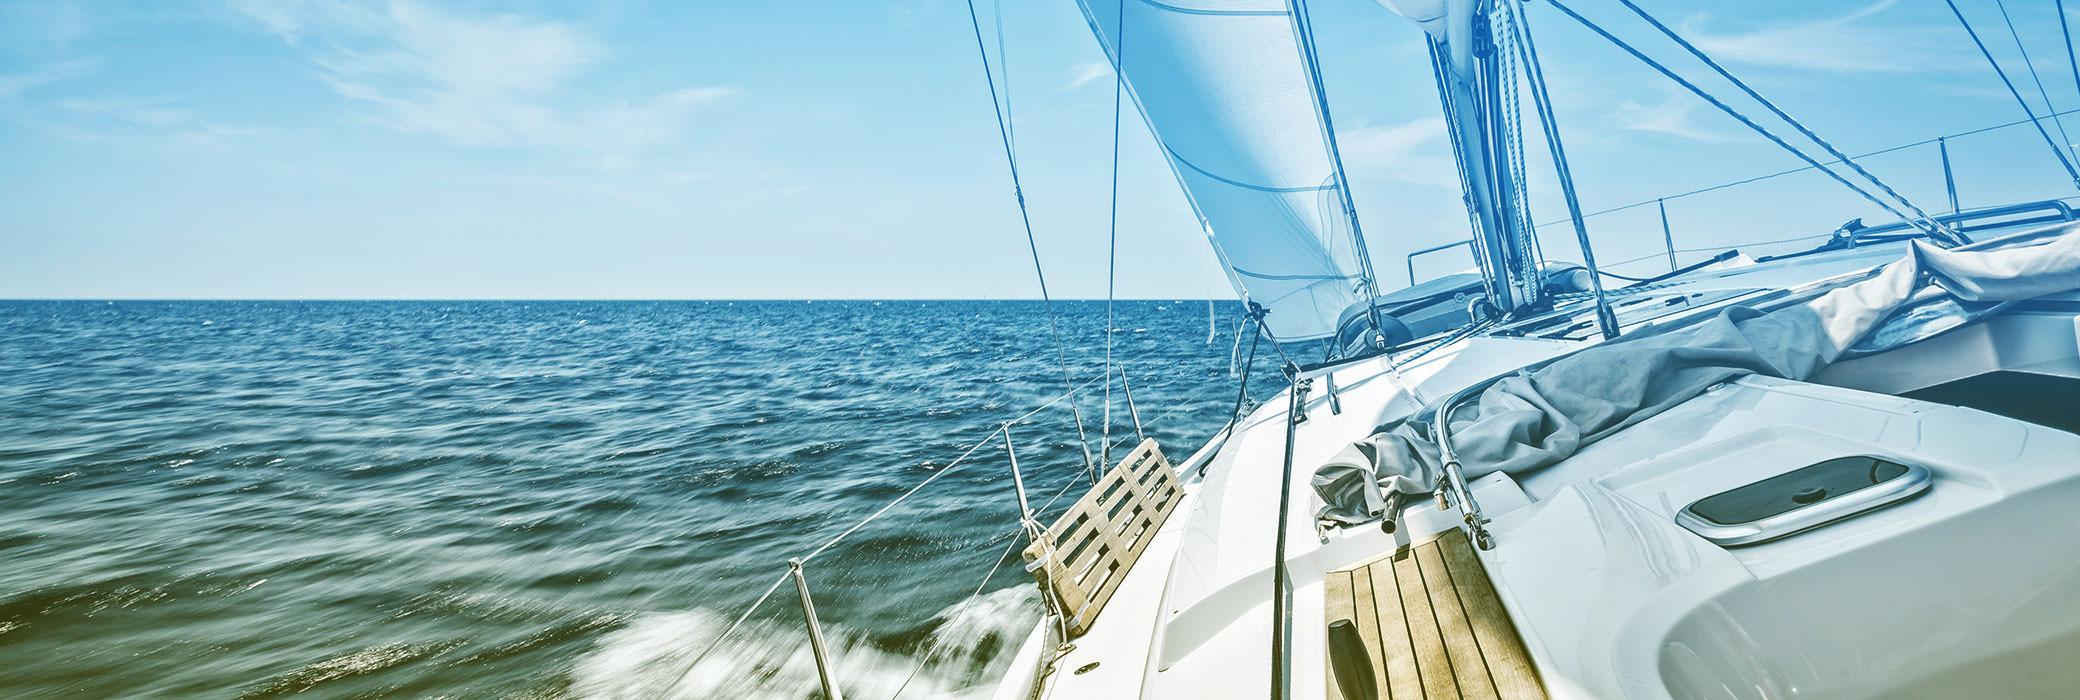 Ein Segelboot auf dem Wasser unter blauem Himmel